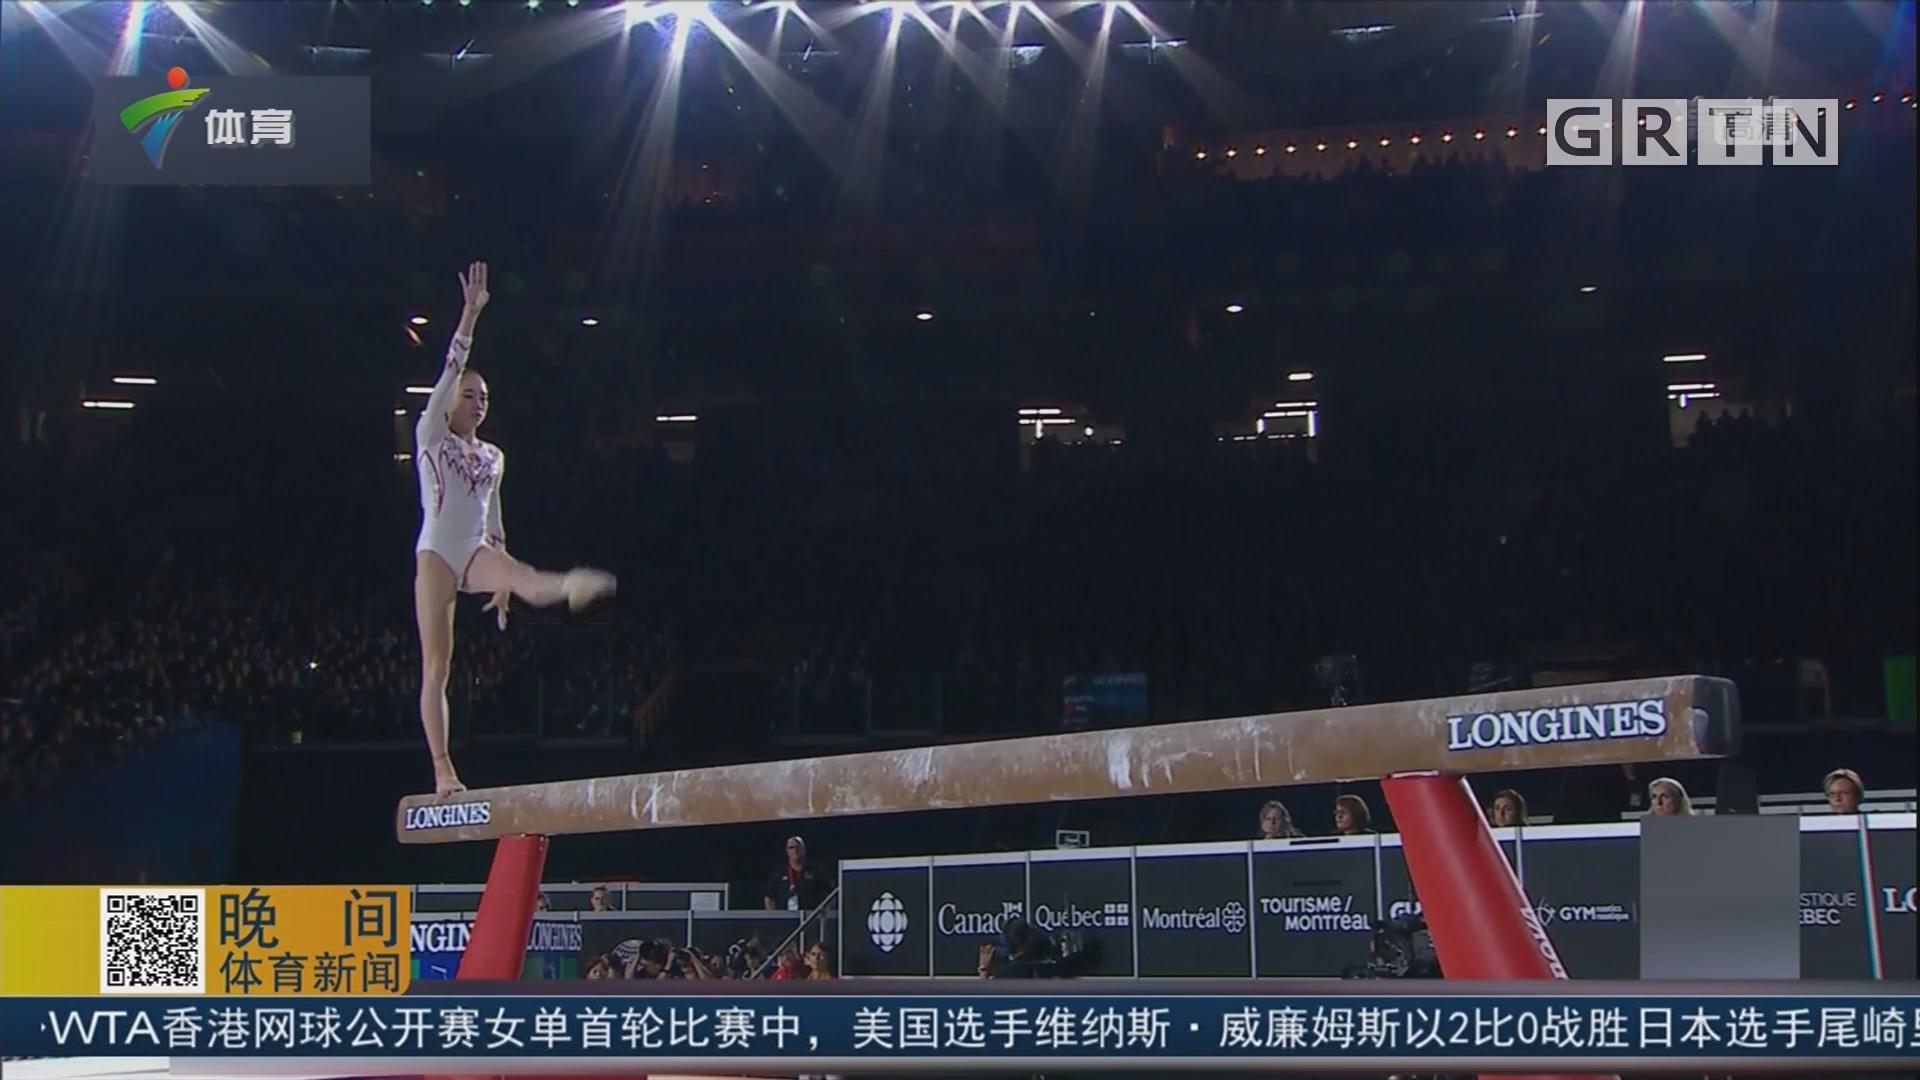 保持优势看清问题 中国体操队继续前进